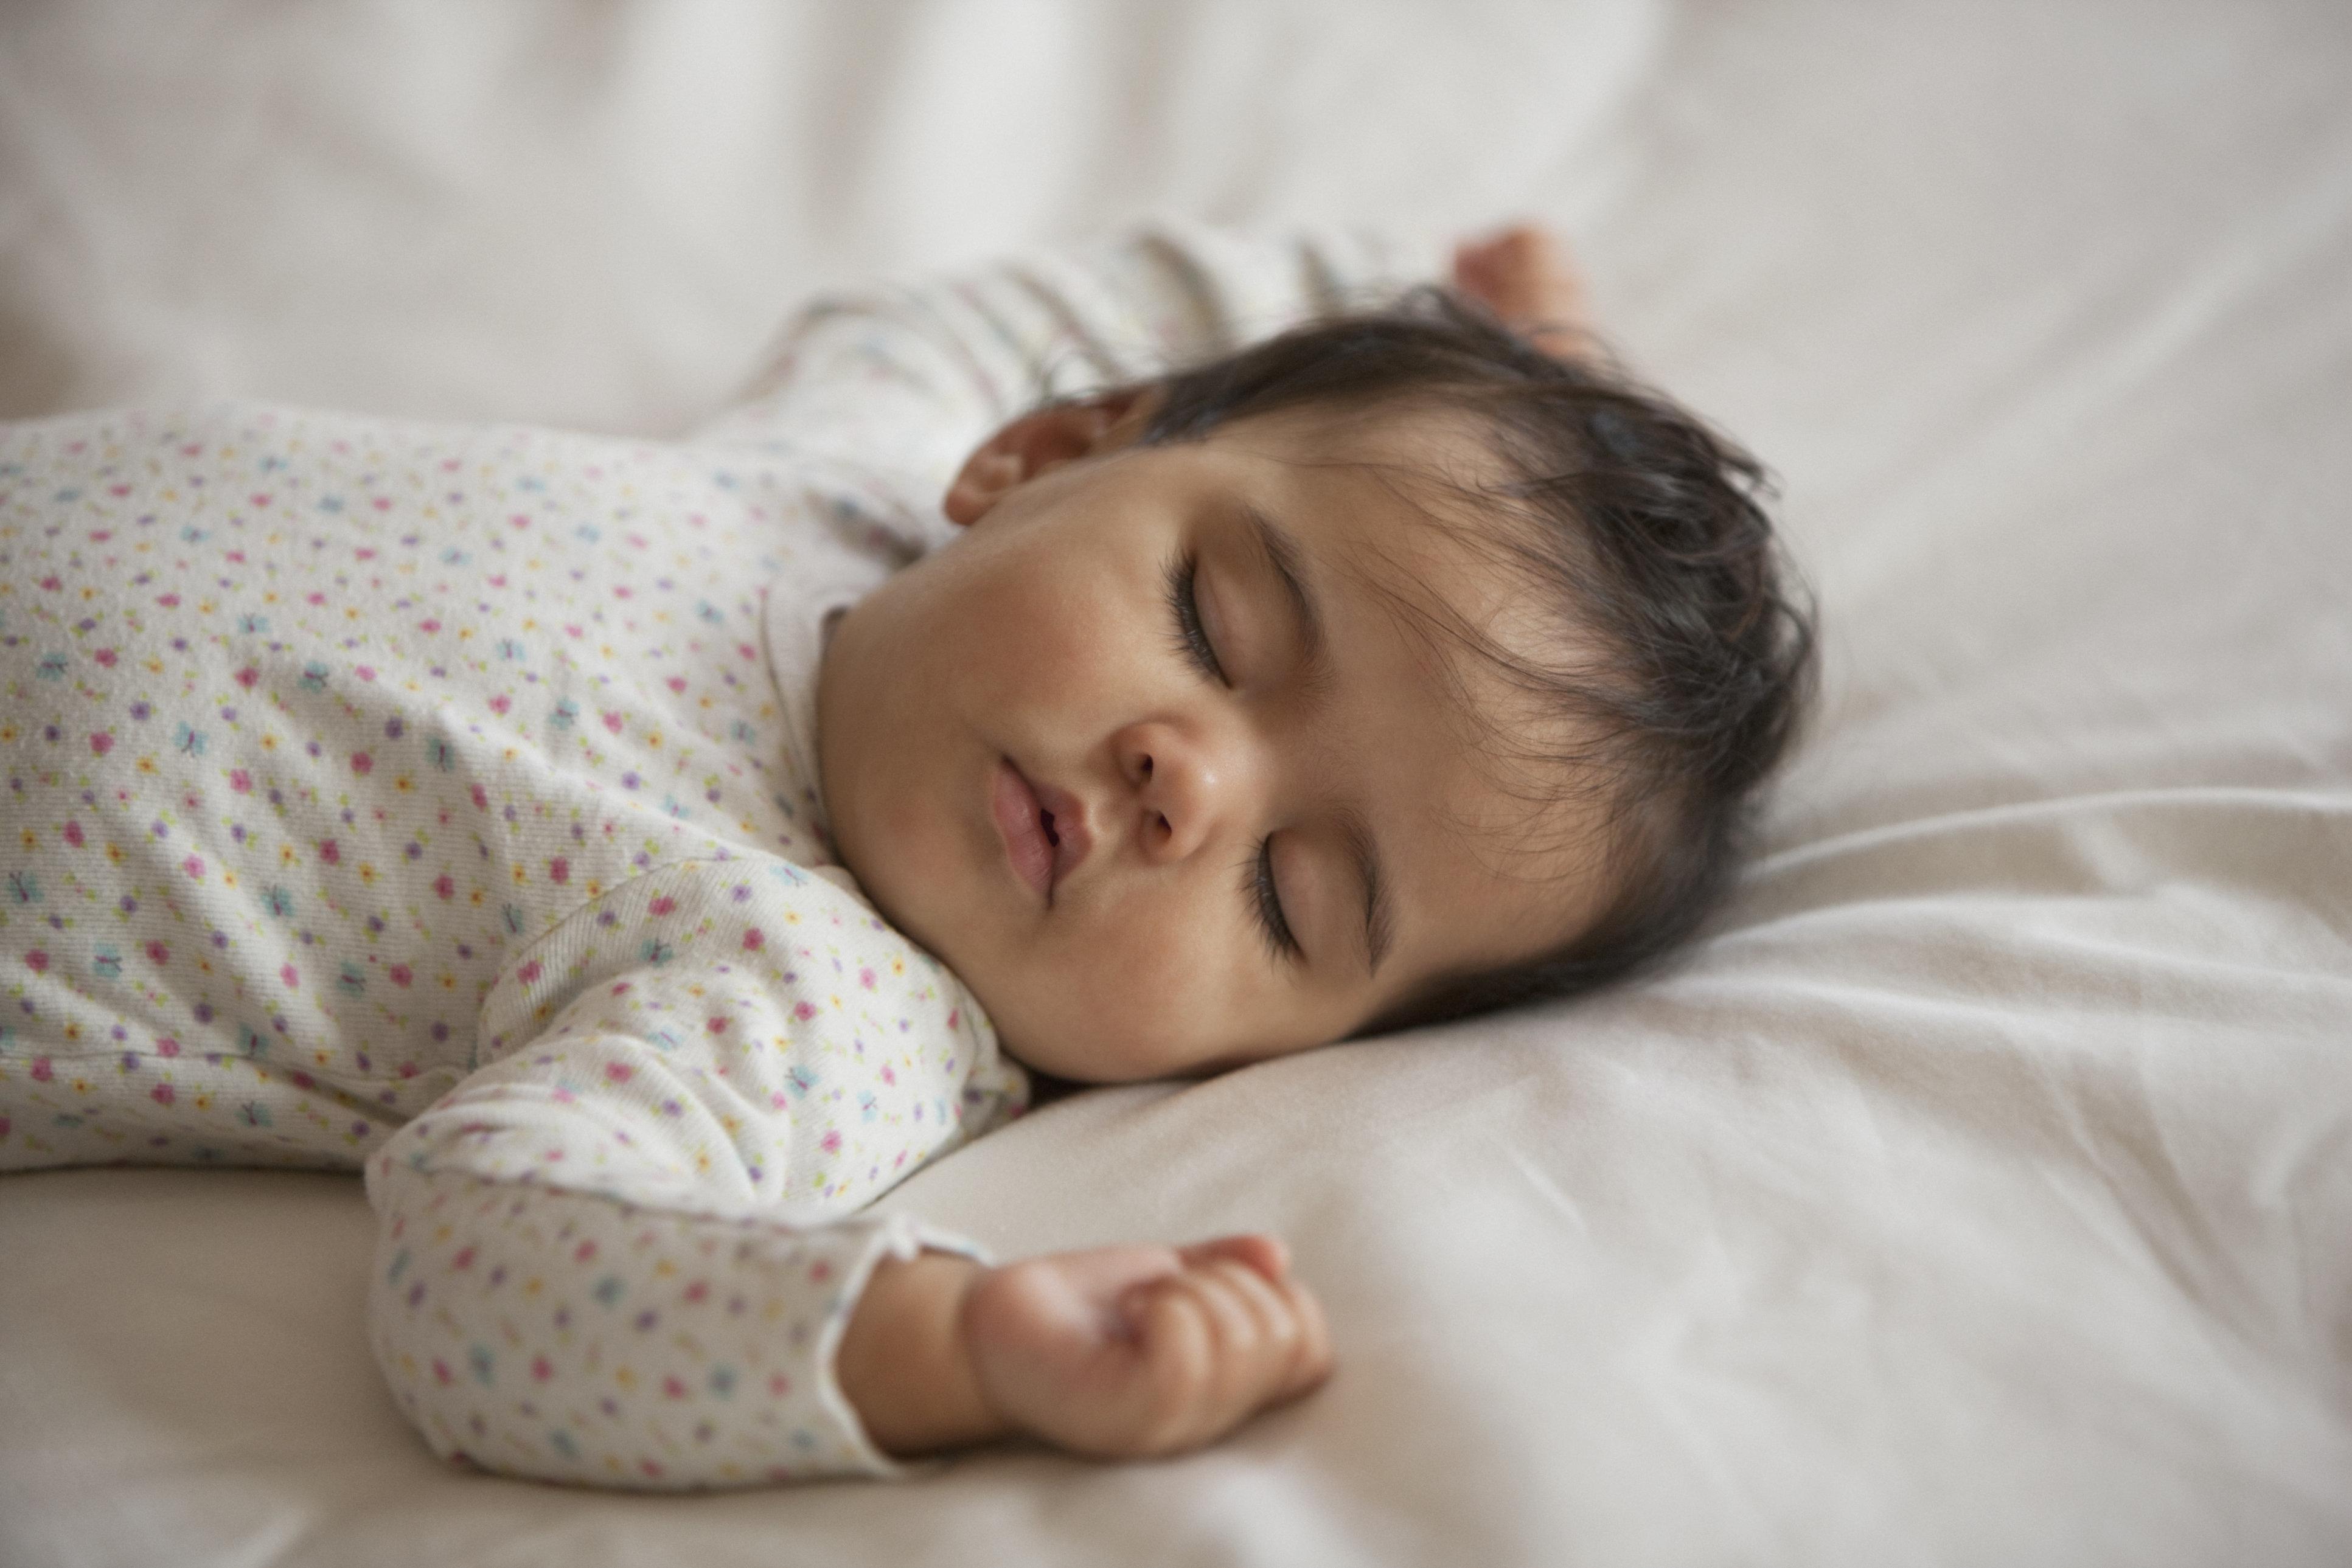 Mixed race baby girl sleeping on bed